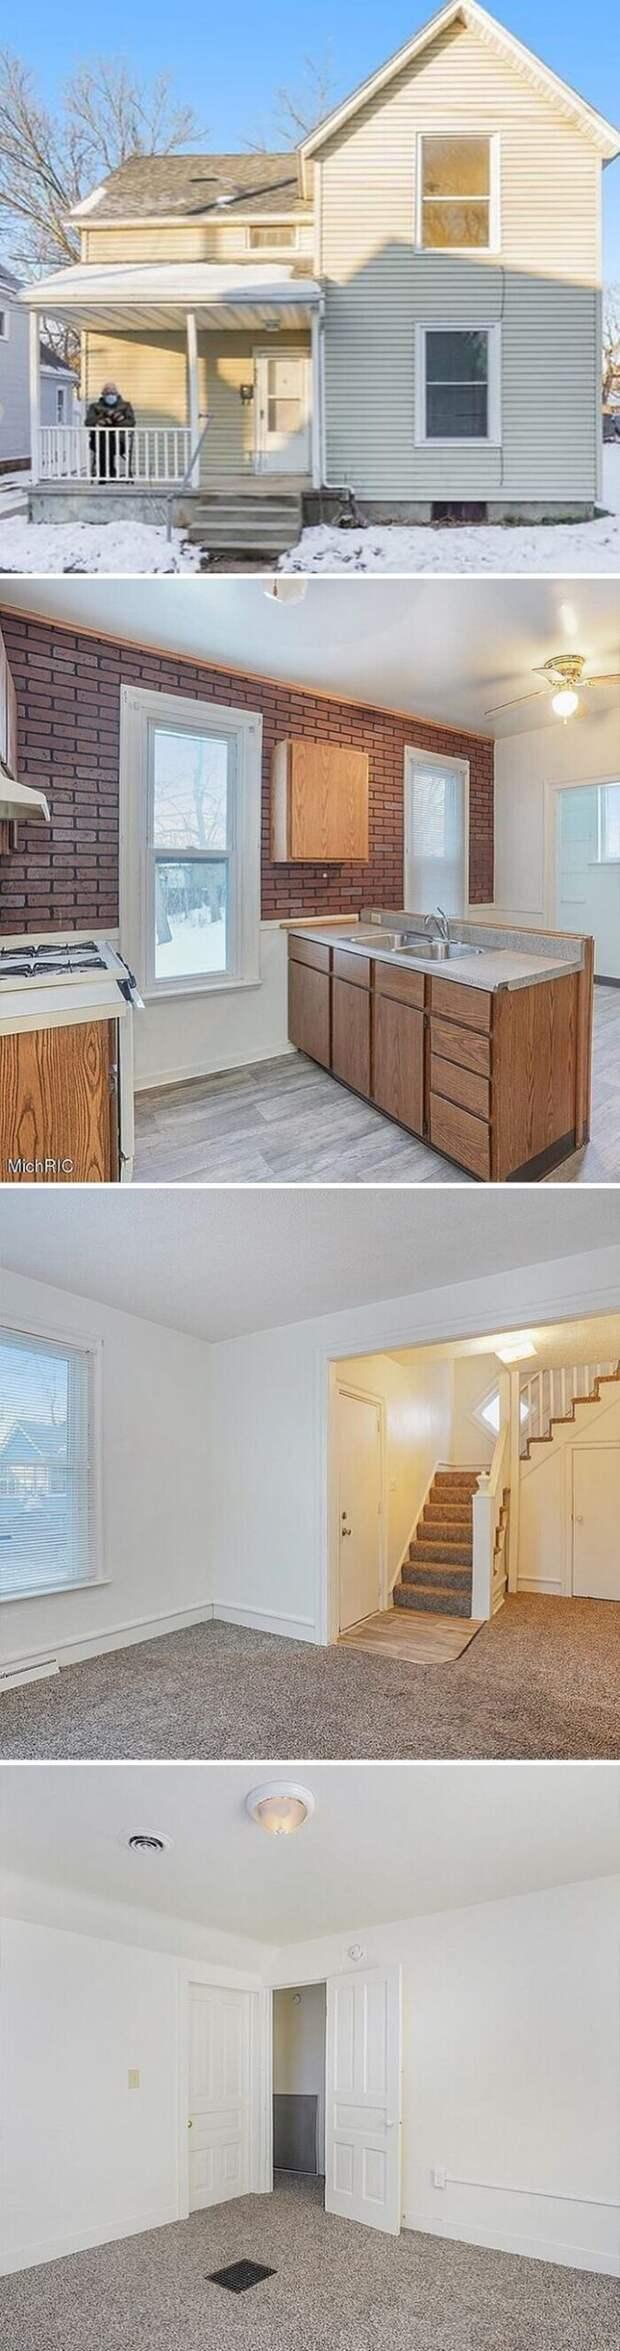 Небольшой дом за 144 тысячи долларов (10 млн рублей)